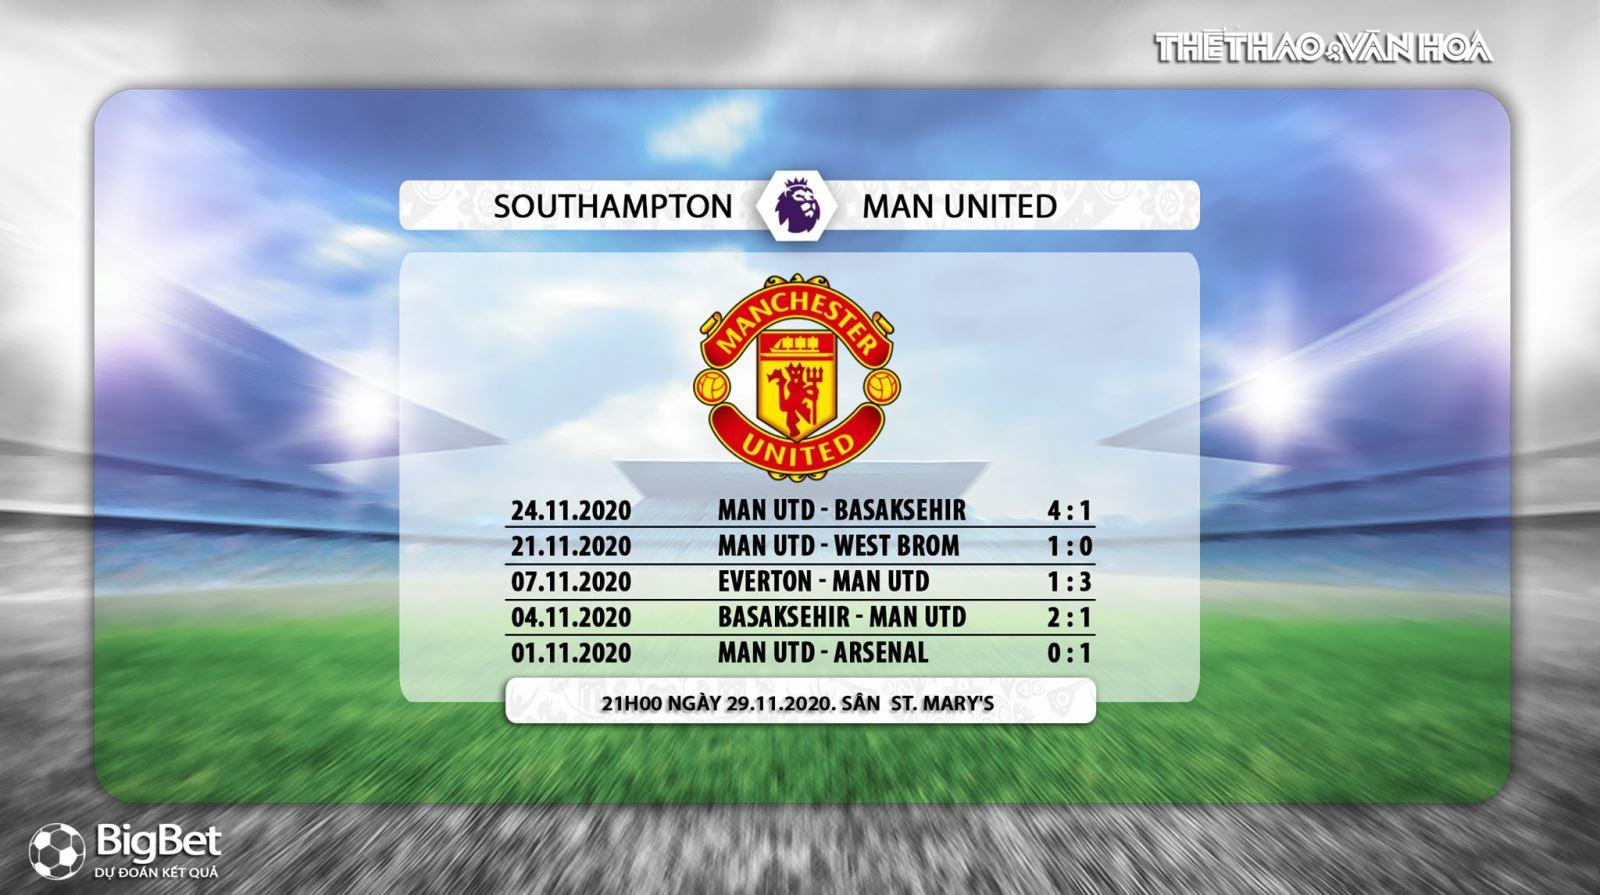 Trực tiếp Southampton vs MU, Truc tiep bong da, K+PM, Ngoại hạng Anh, Xem MU, MU vs Southampton, xem bóng đá trực tuyến Southampton đấu với MU, trực tiếp MU